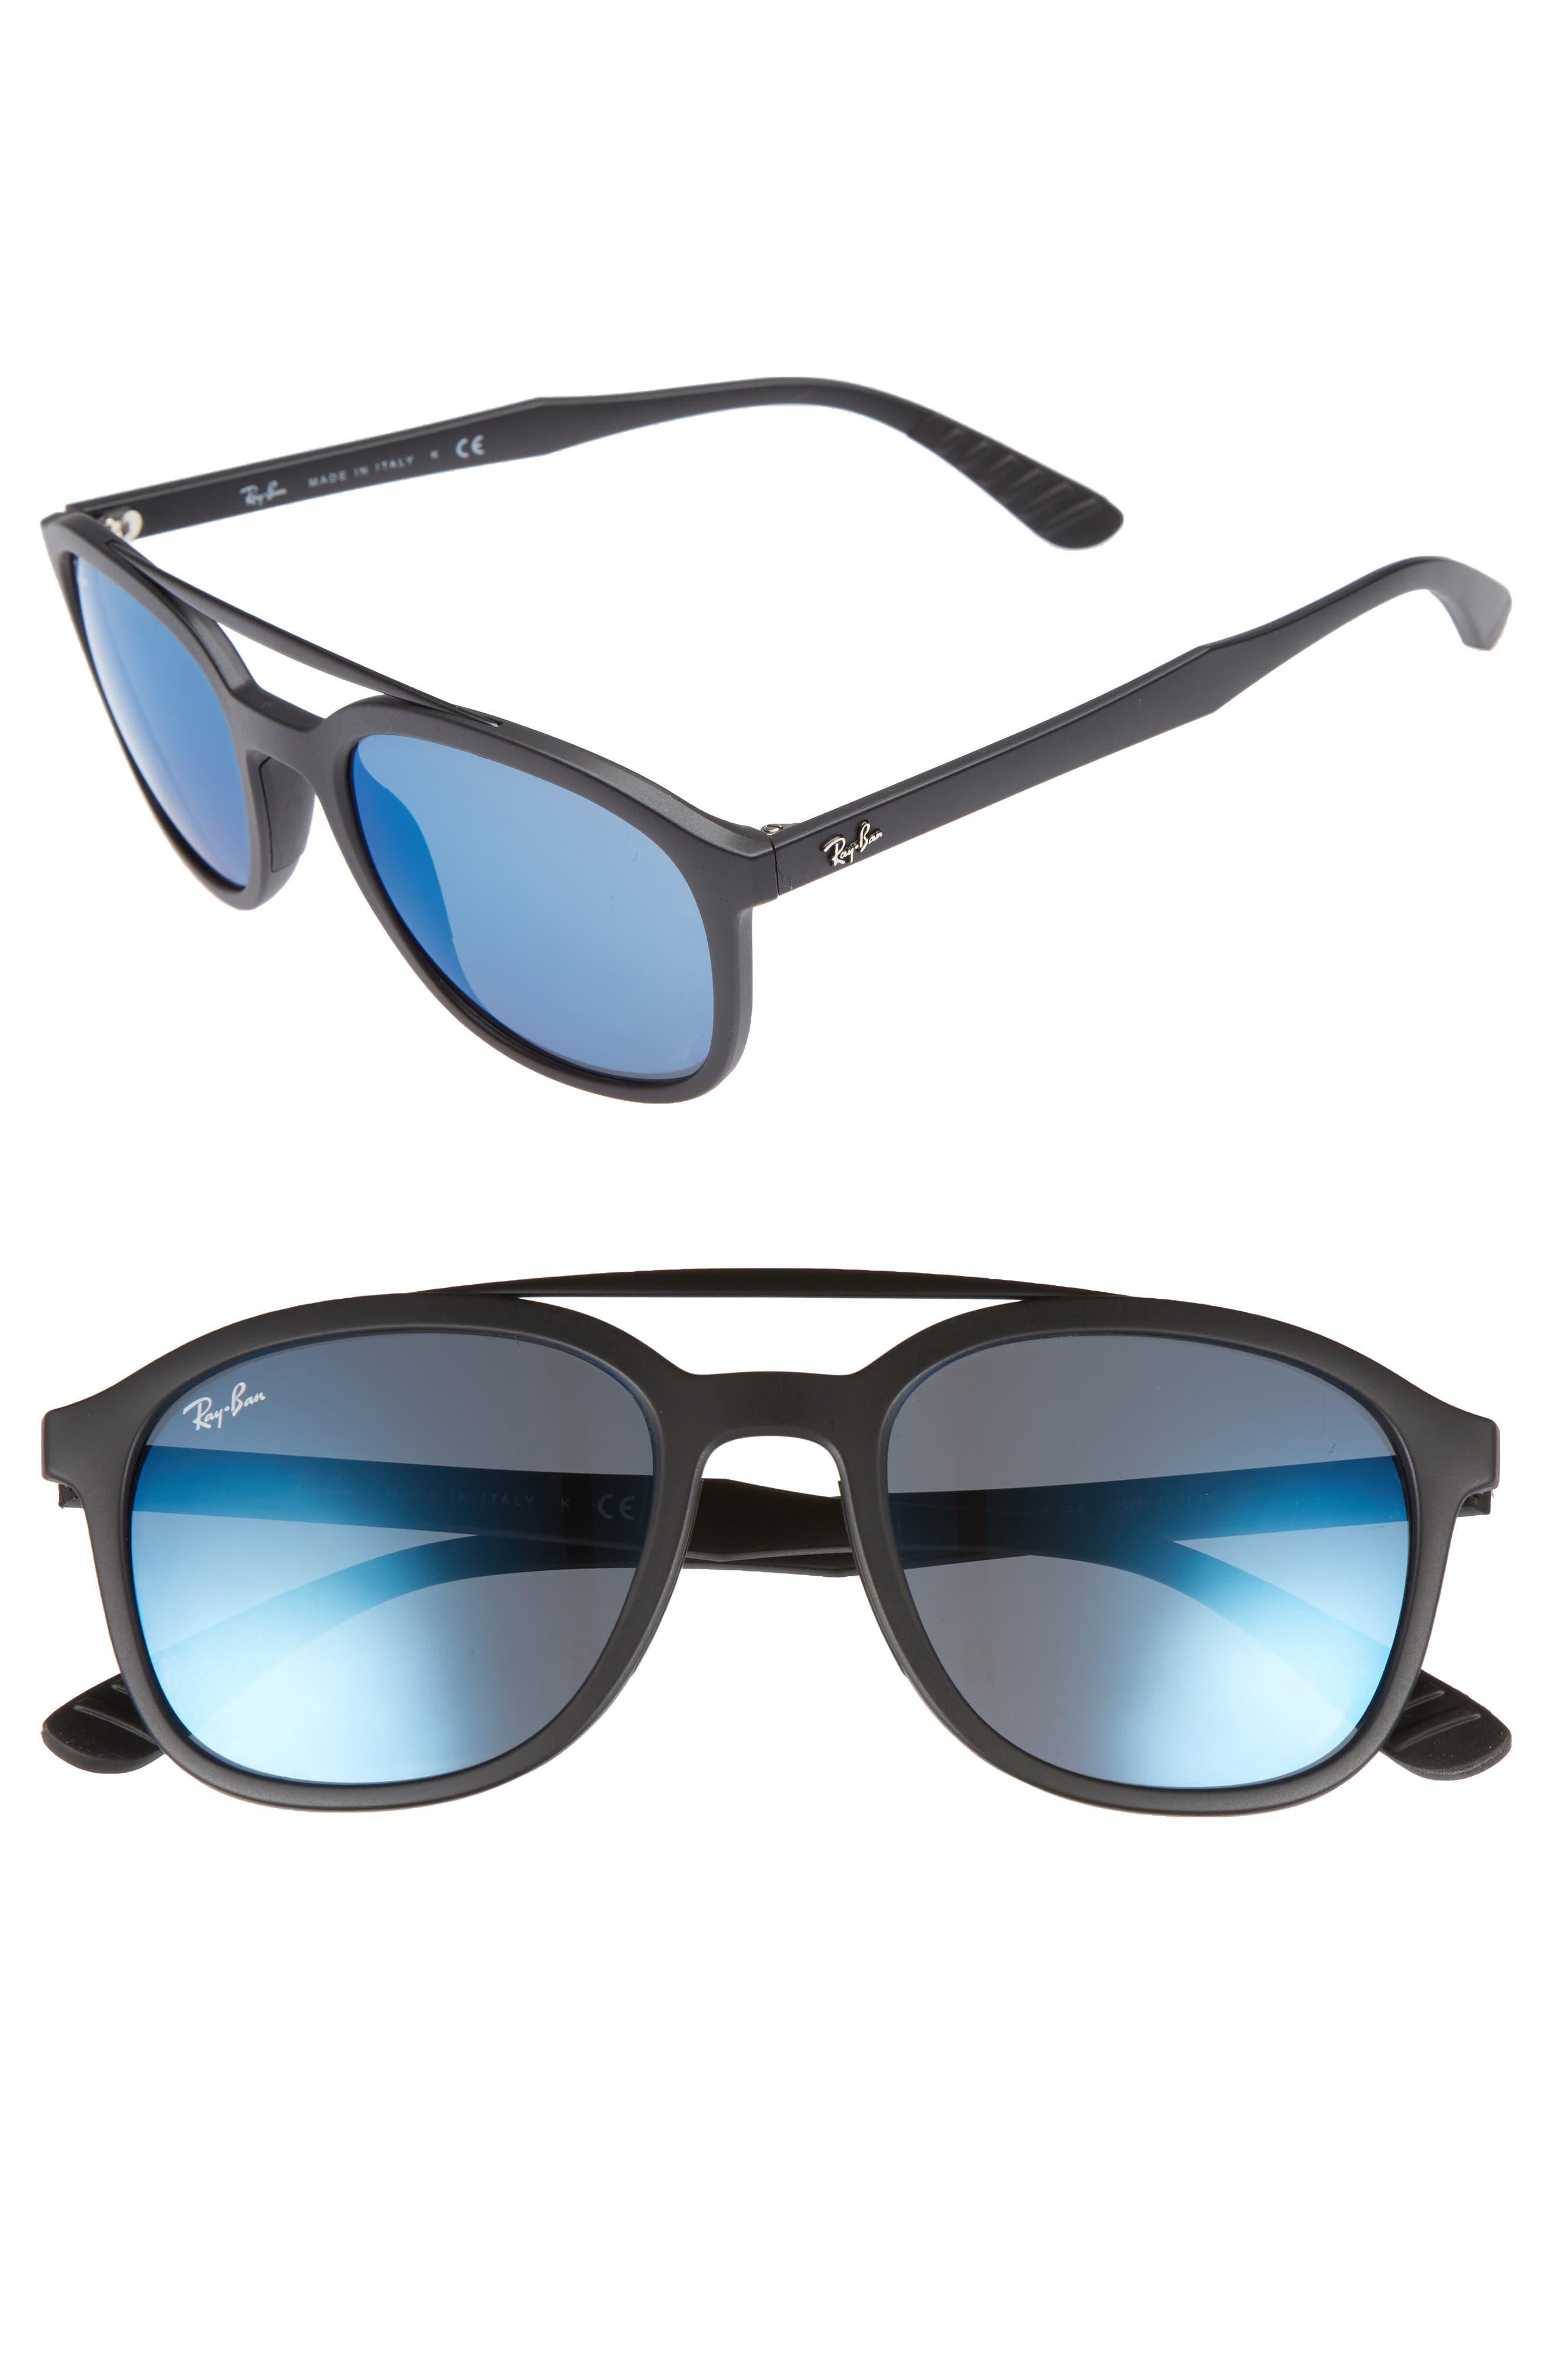 Active Lifestyle 53mm Sunglasses,                         Main,                         color, BLACK/ BLUE